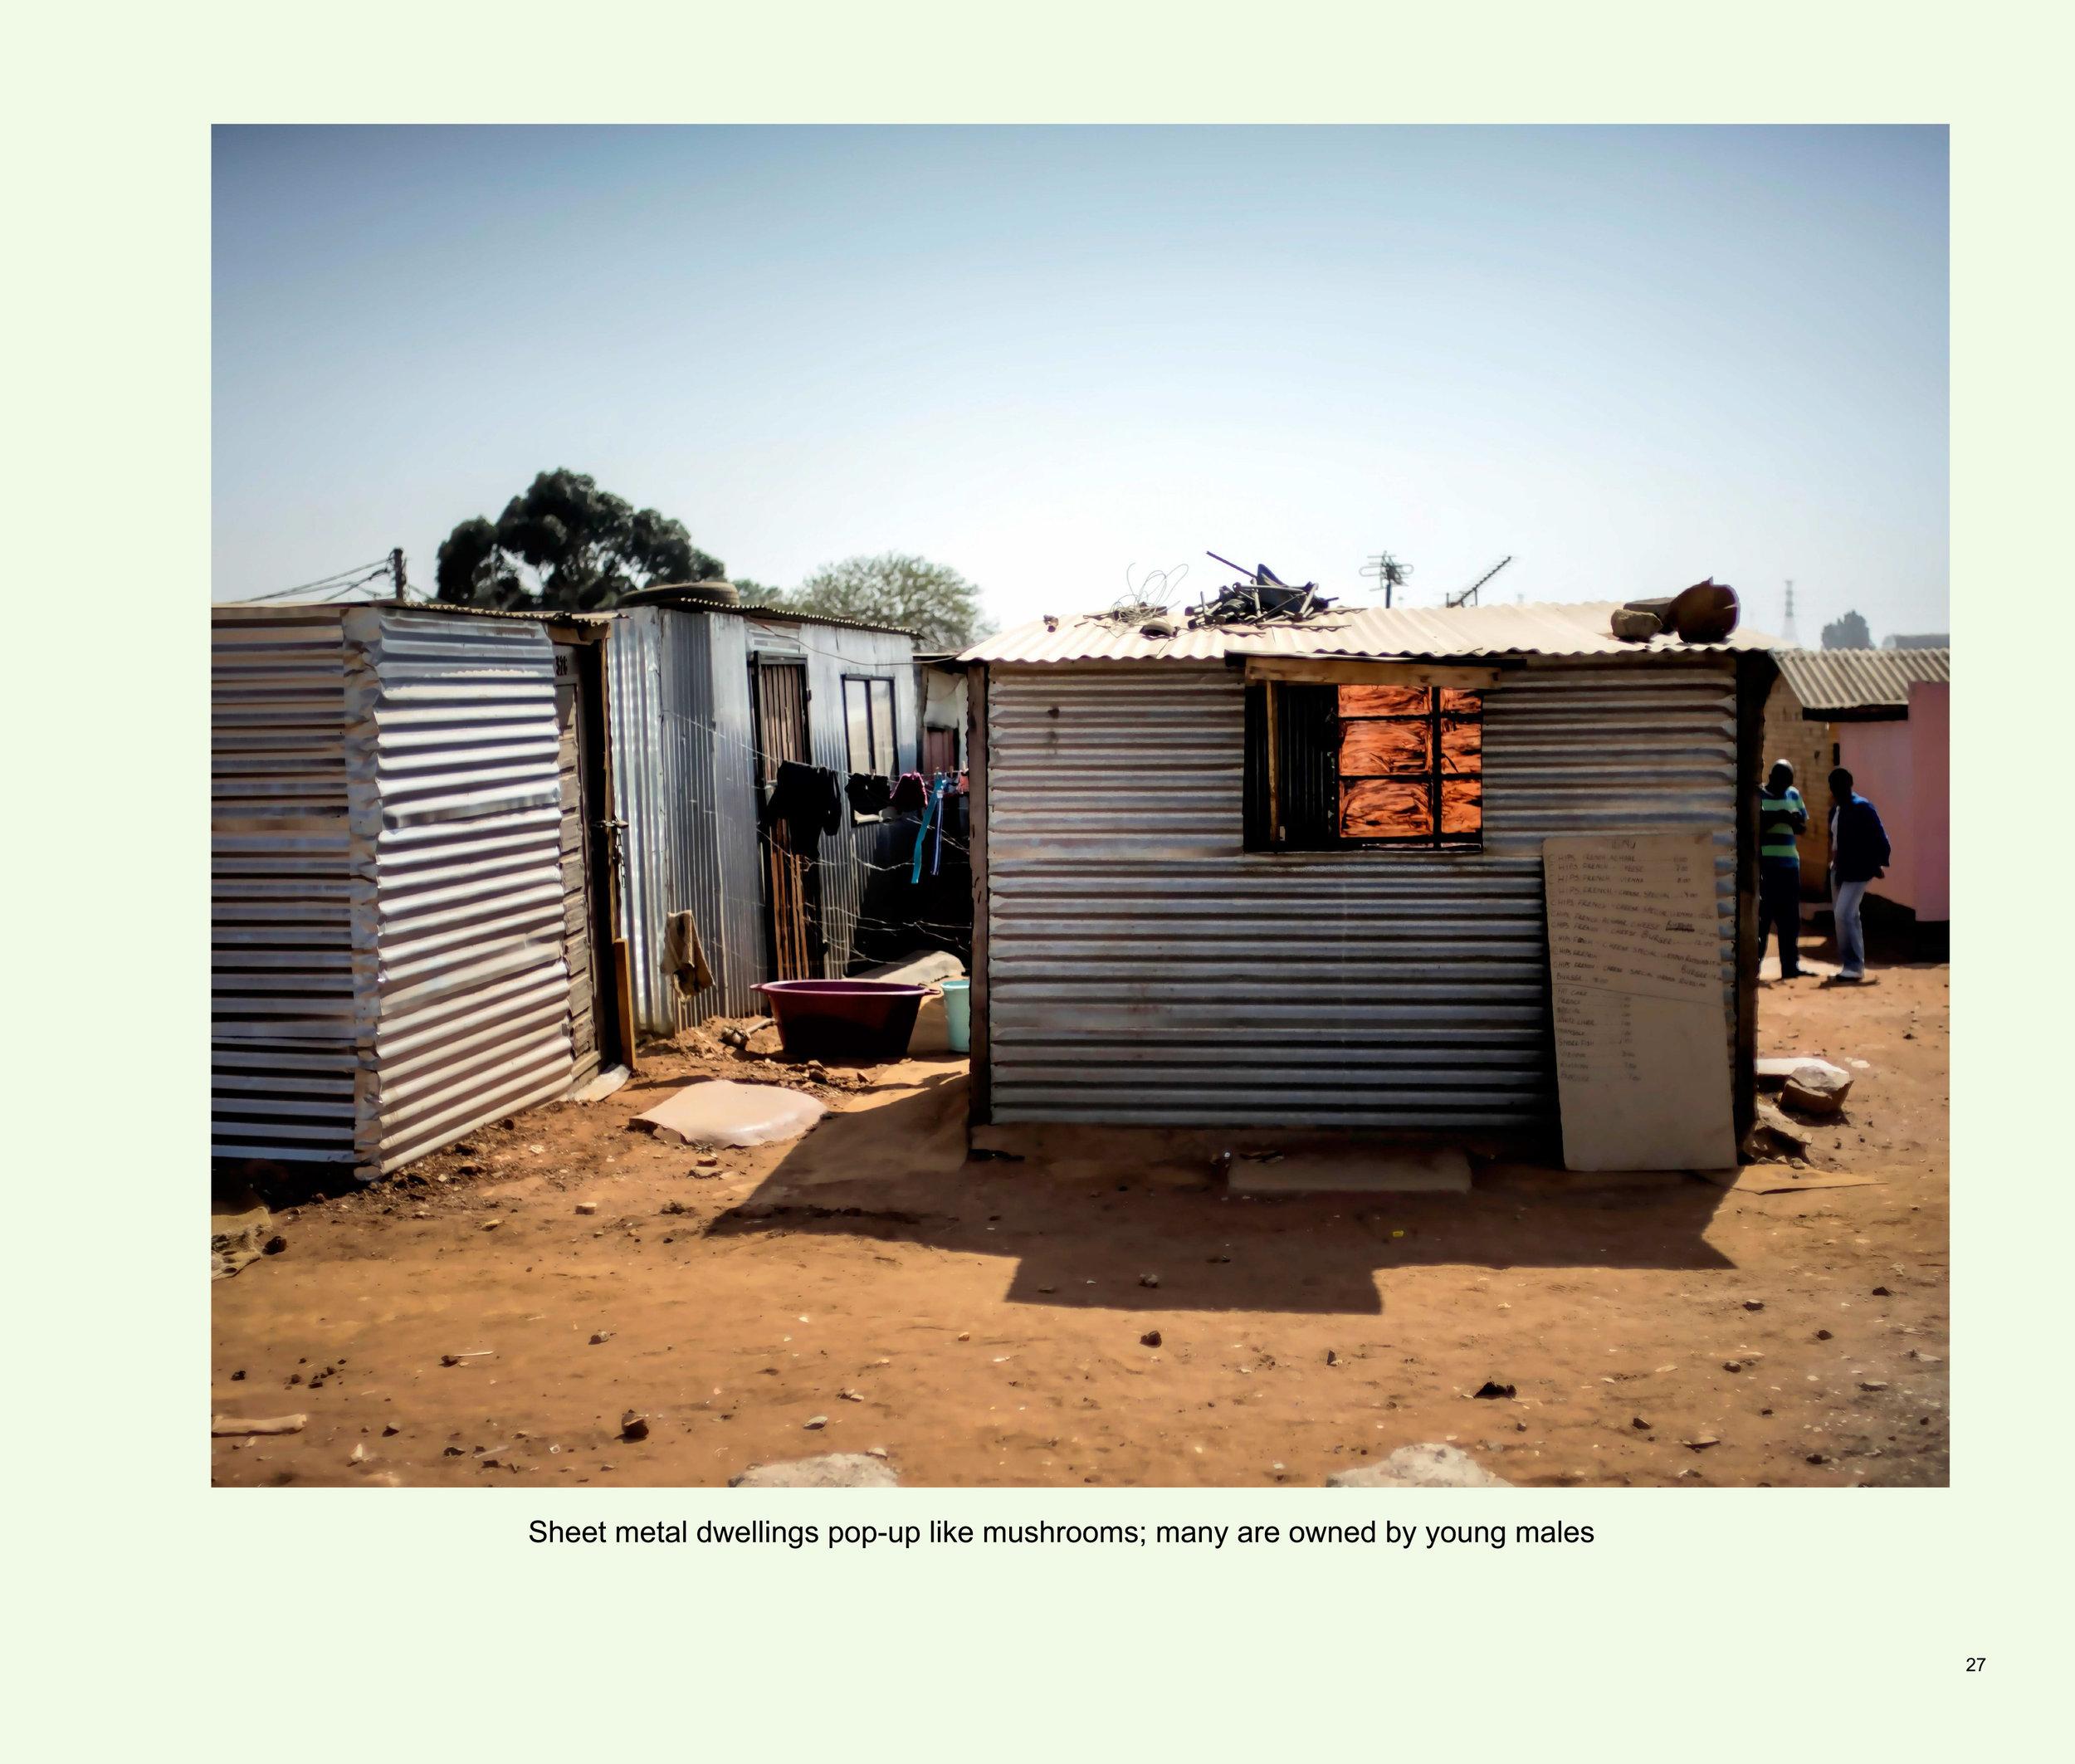 ImagesASouthernAfricaRoadTrip-29.jpg